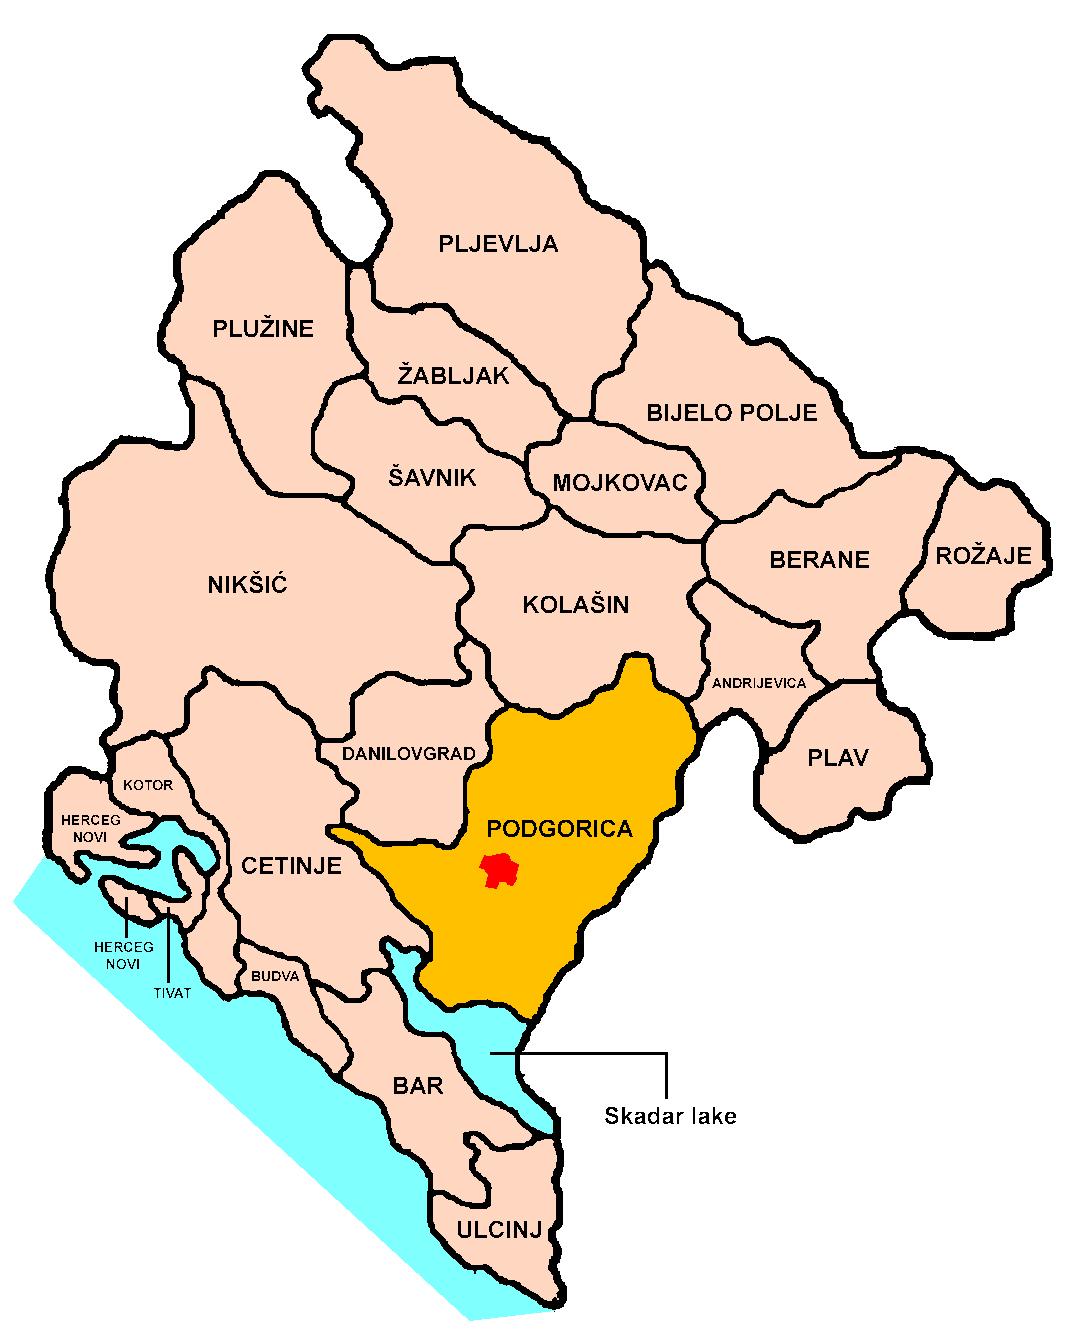 Visiter Podgorica, capitale du Montenegro ; une ville sans grand intérêt 5